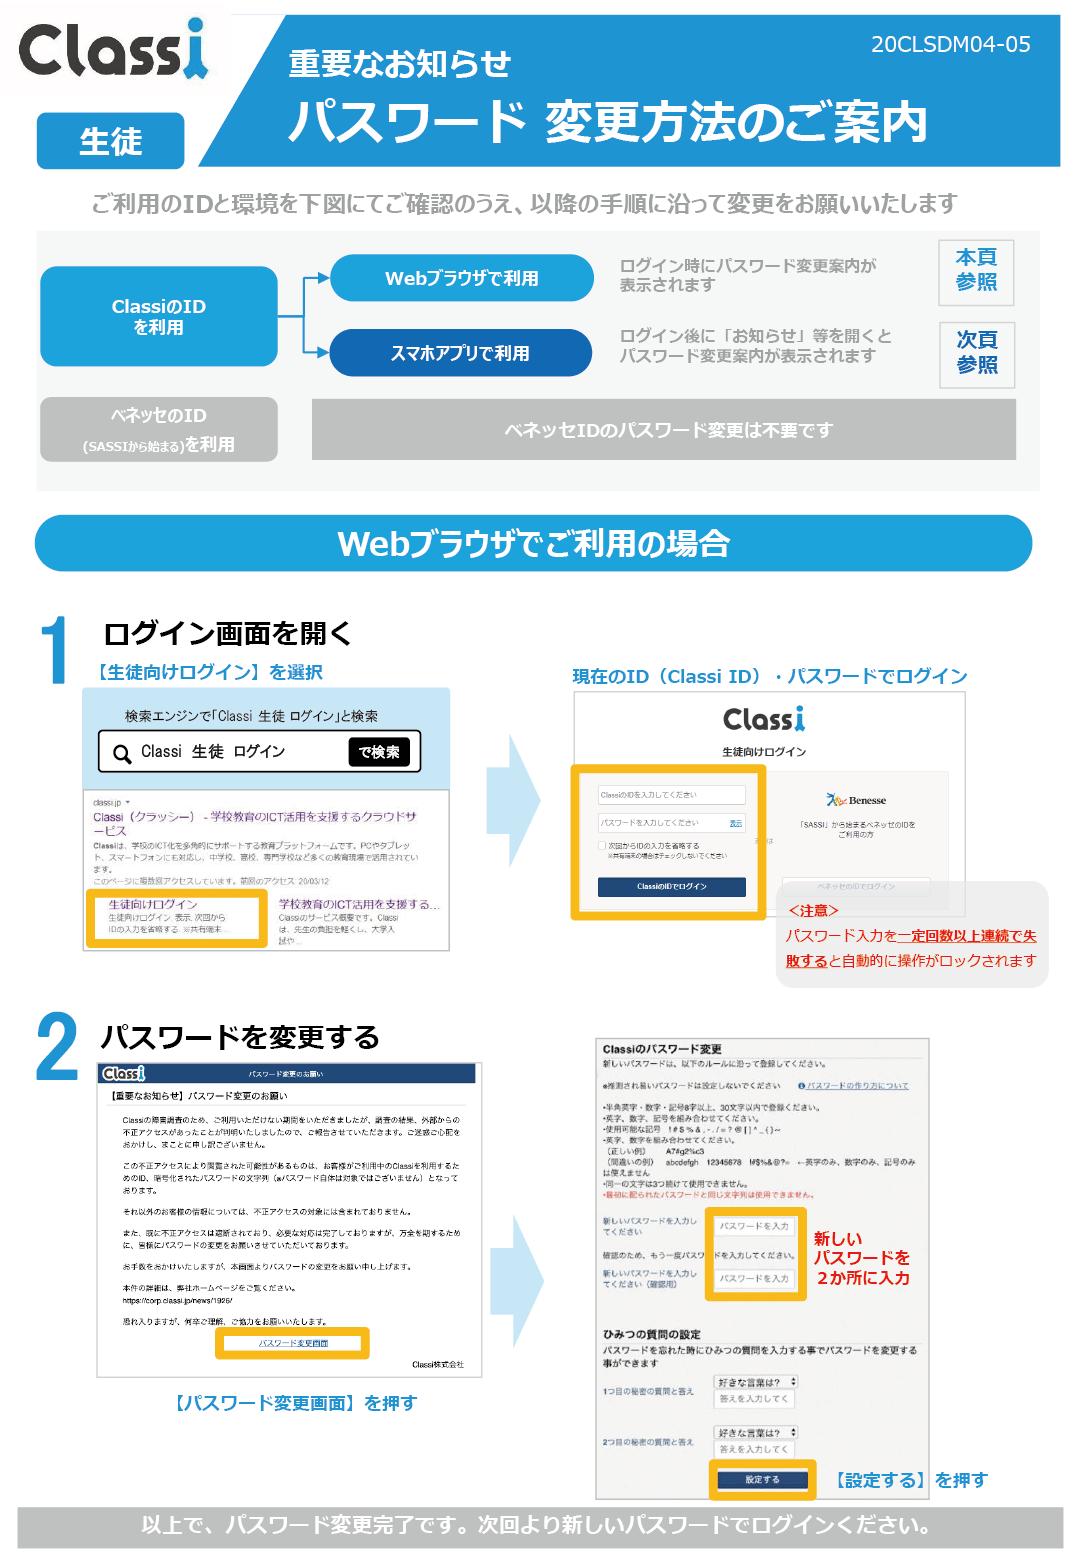 パスワード 変更 方法 classi